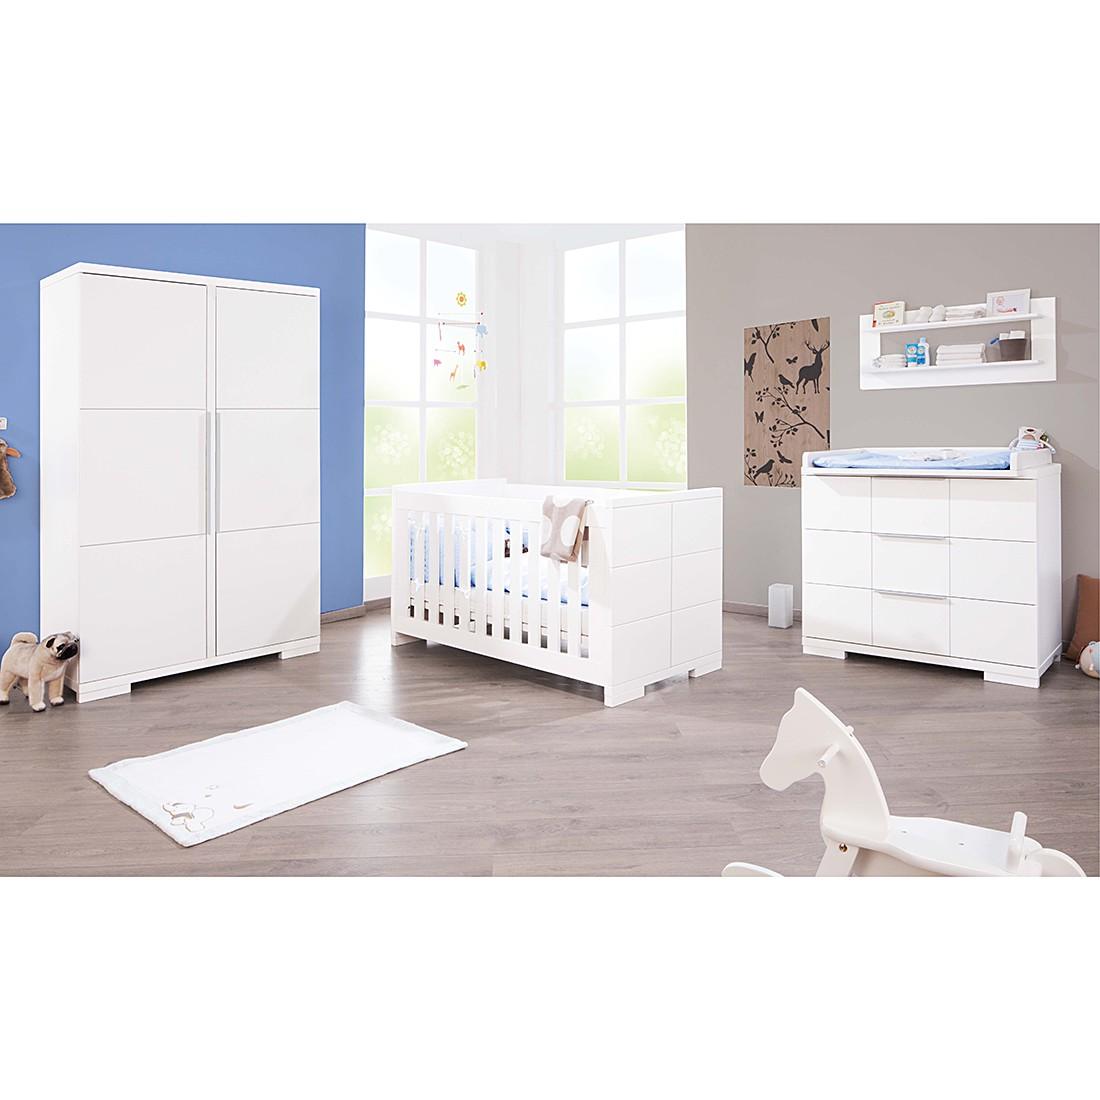 Babyzimmer Polar – Lack Weiß, Pinolino online bestellen